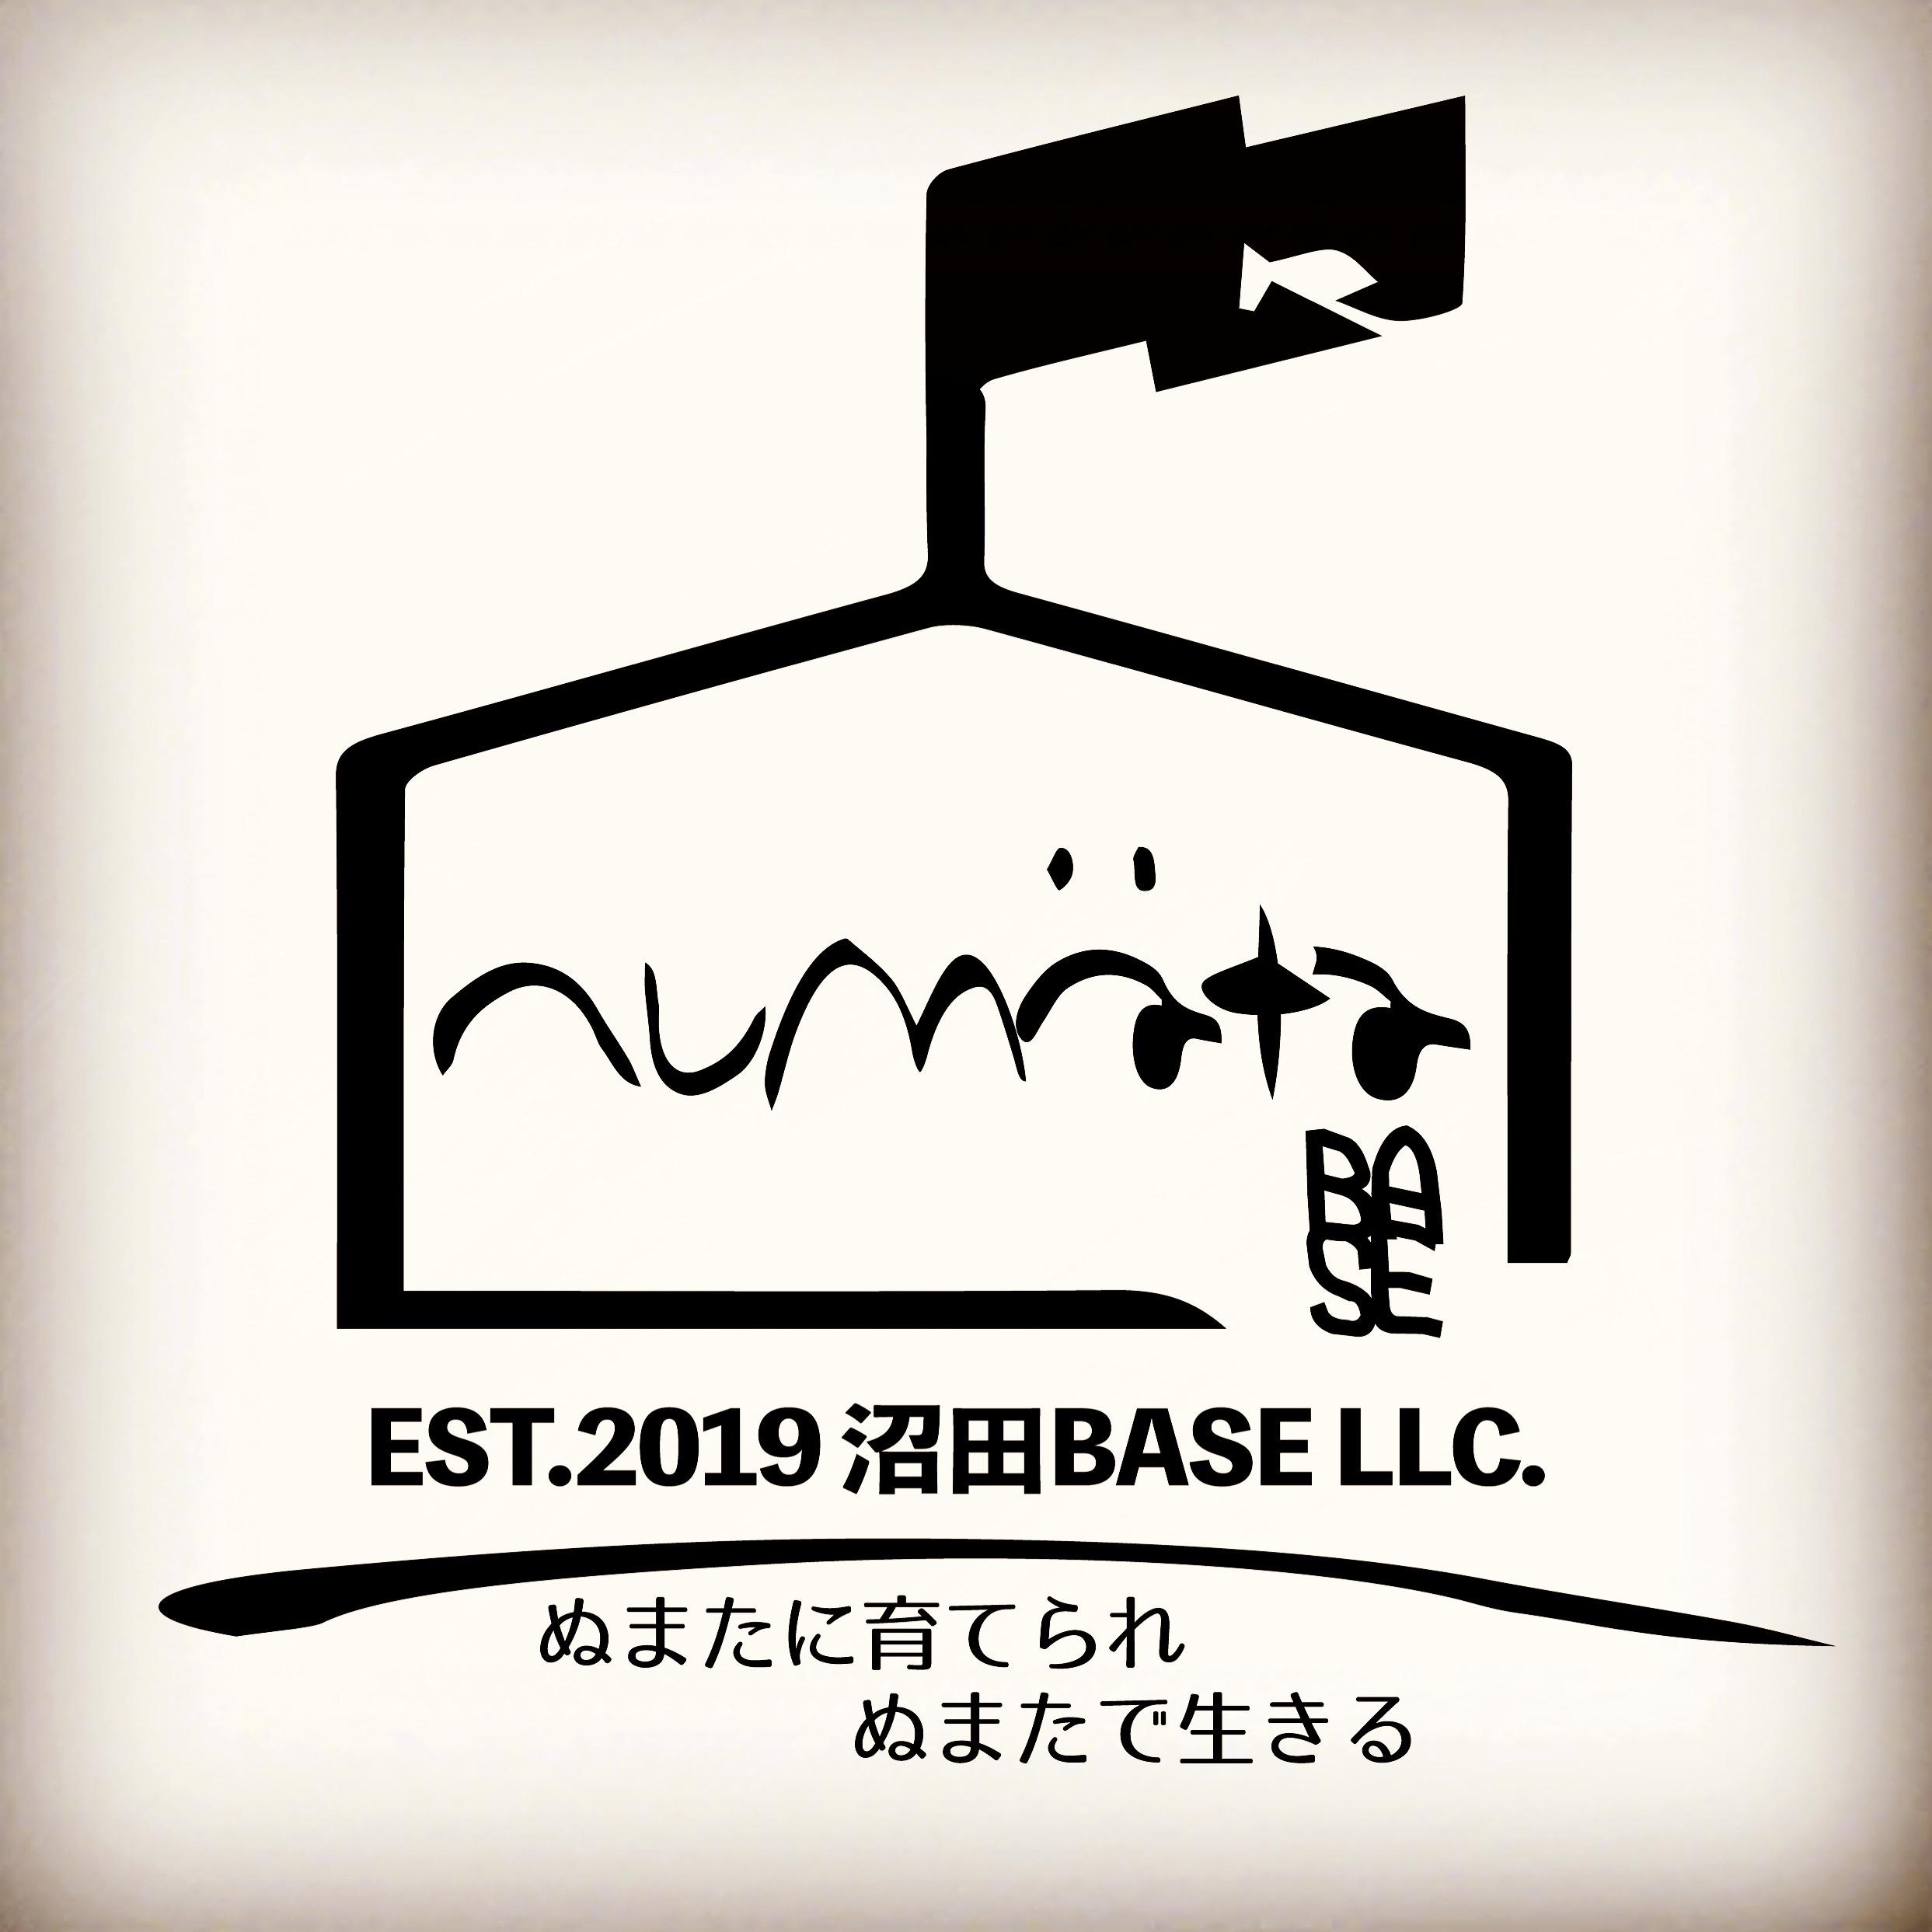 沼田BASE LLC.